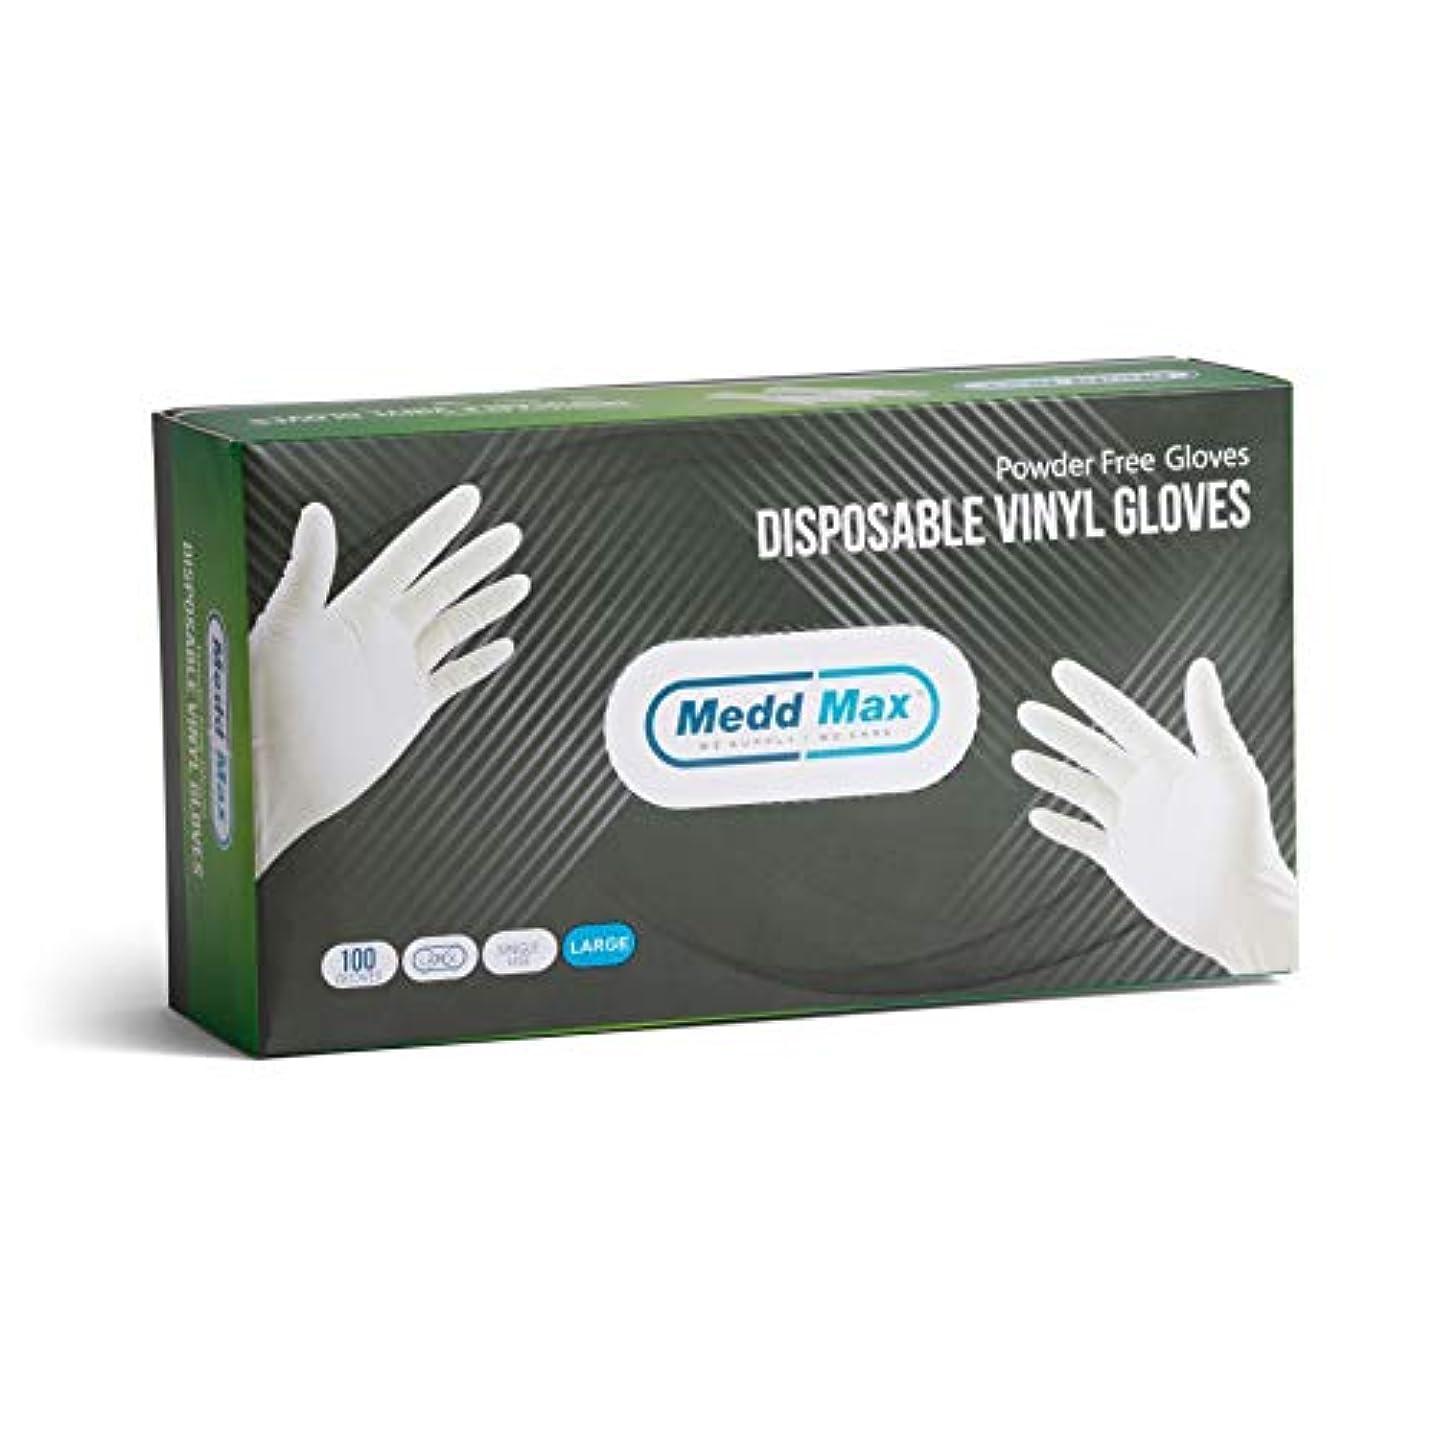 スティック交流する選択Medd Max 使い捨て ビニール手袋 パウダー フリーサイズ ラージ 試験グレード 手袋